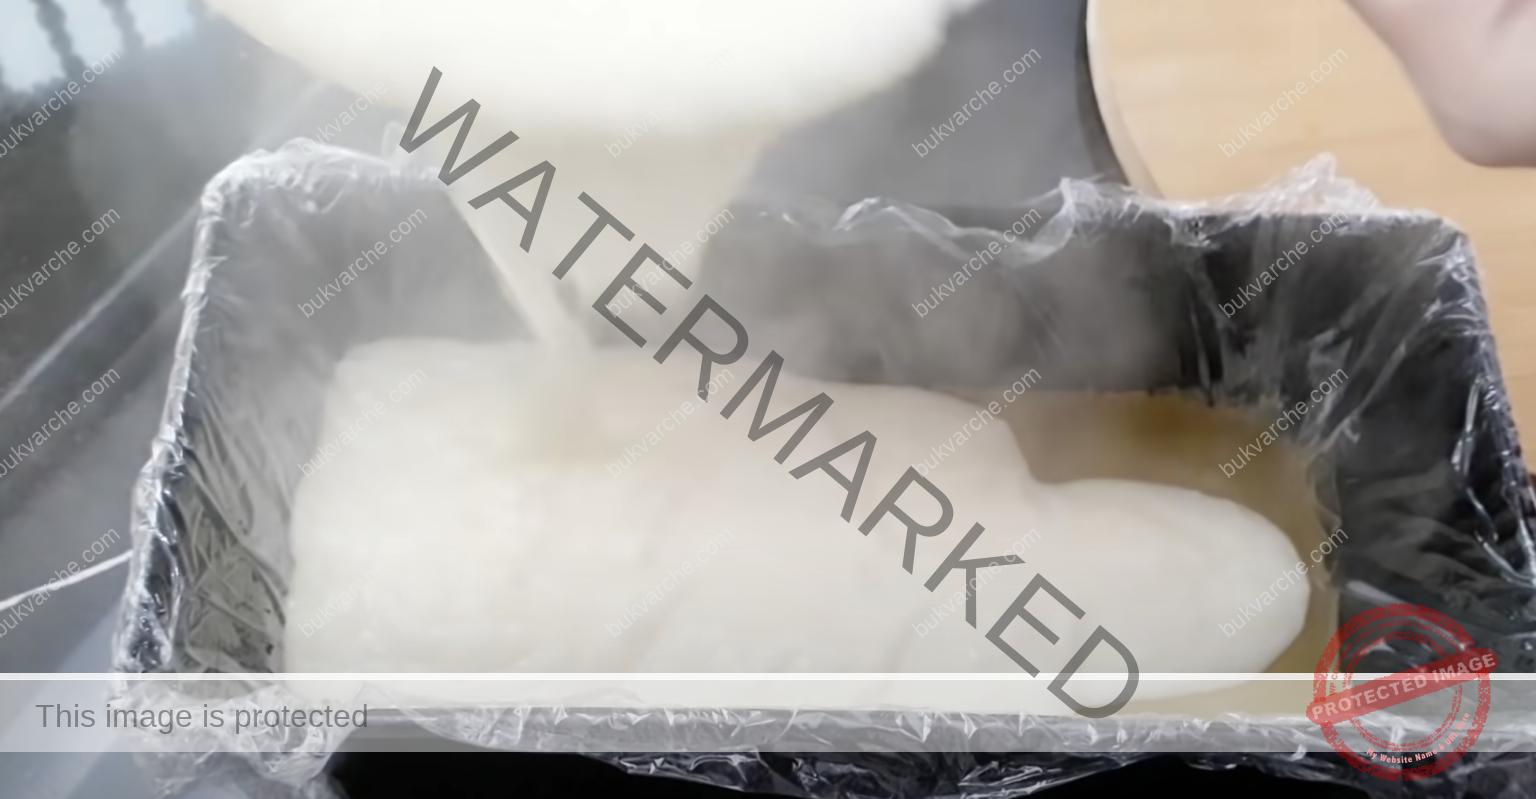 Трицветен кремообразен десерт без печене - топи се в устата